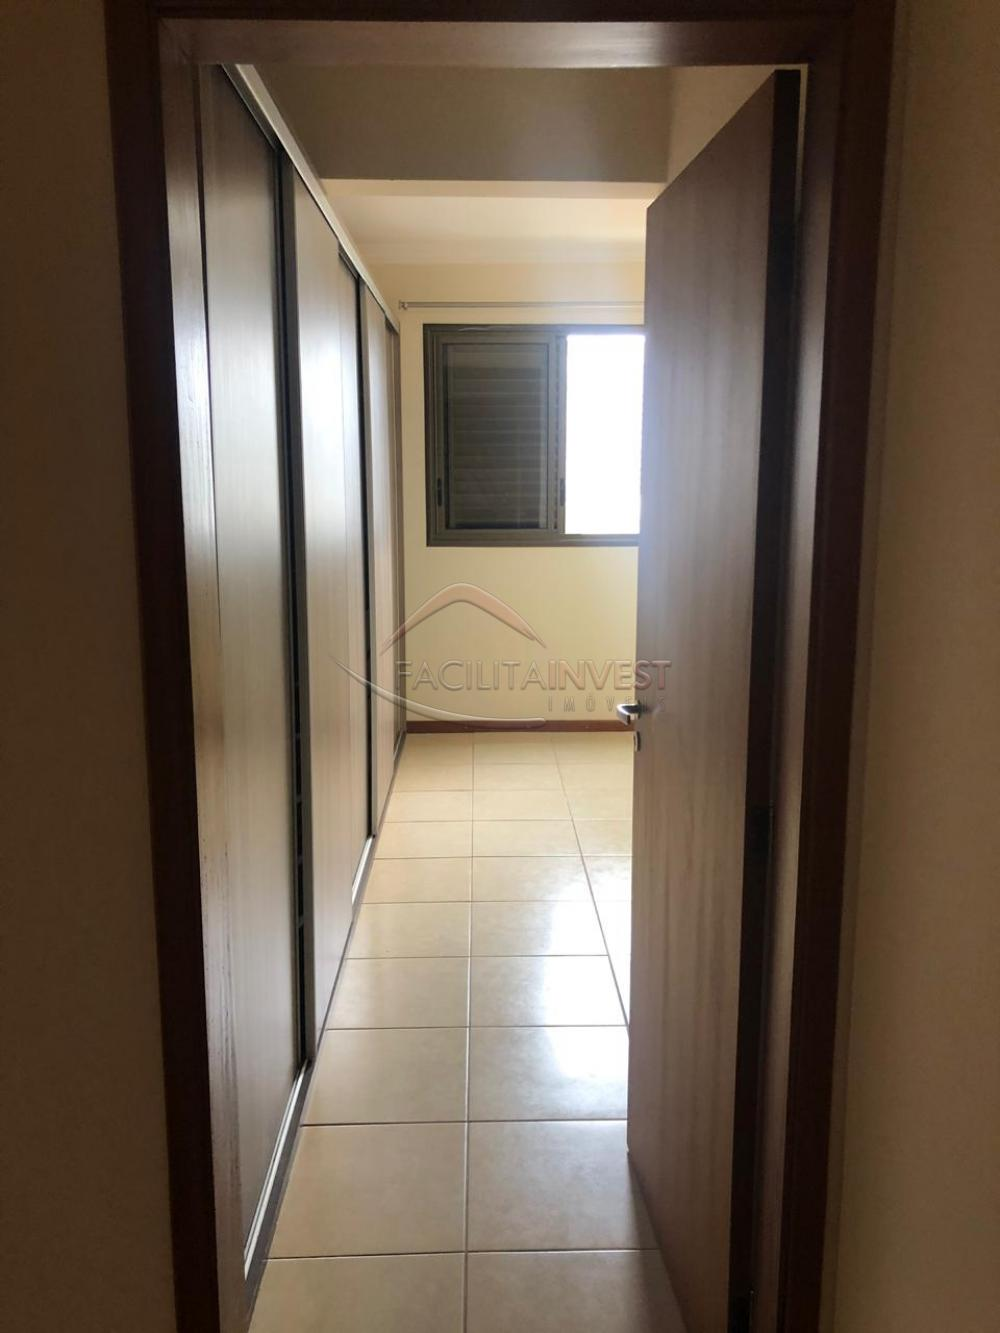 Alugar Apartamentos / Apart. Padrão em Ribeirão Preto apenas R$ 2.200,00 - Foto 20